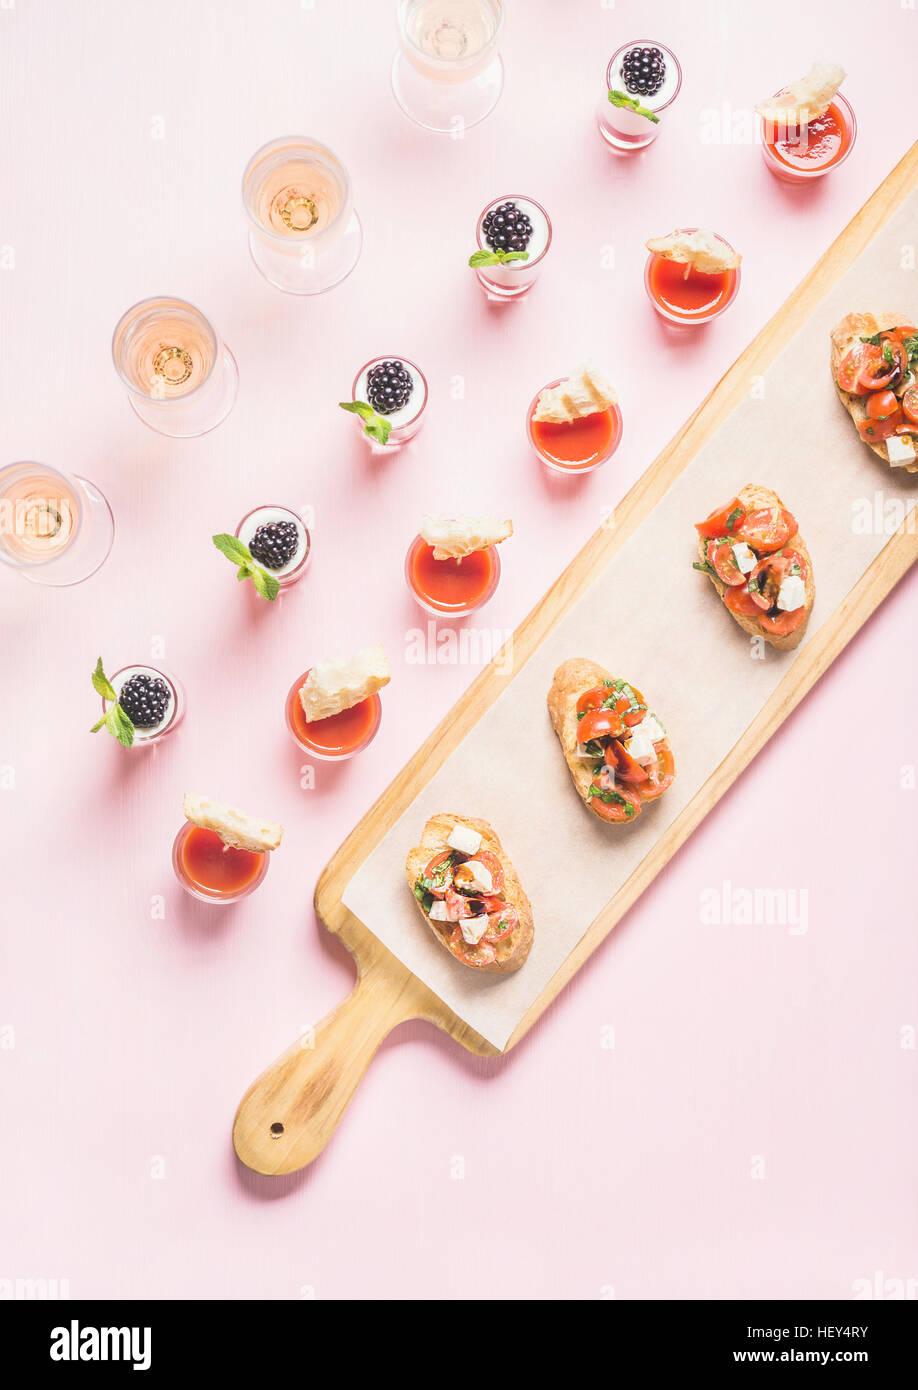 Spuntini, spaghetti panini, gazpacho scatti, dessert pastello su sfondo rosa Immagini Stock